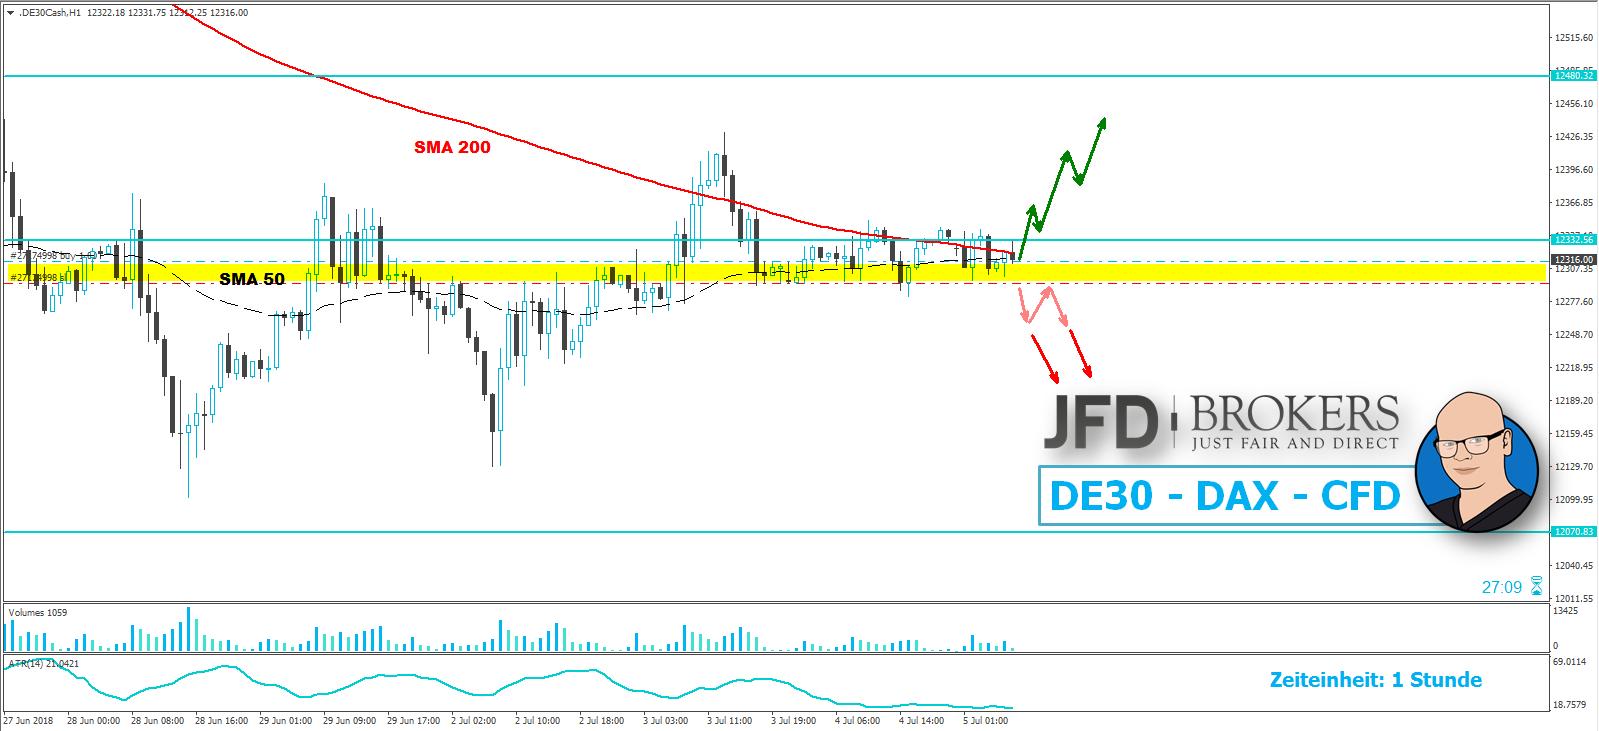 DAX-12-300er-Marke-sollte-die-heutige-Richtung-entscheiden-Kommentar-JFD-Brokers-GodmodeTrader.de-1